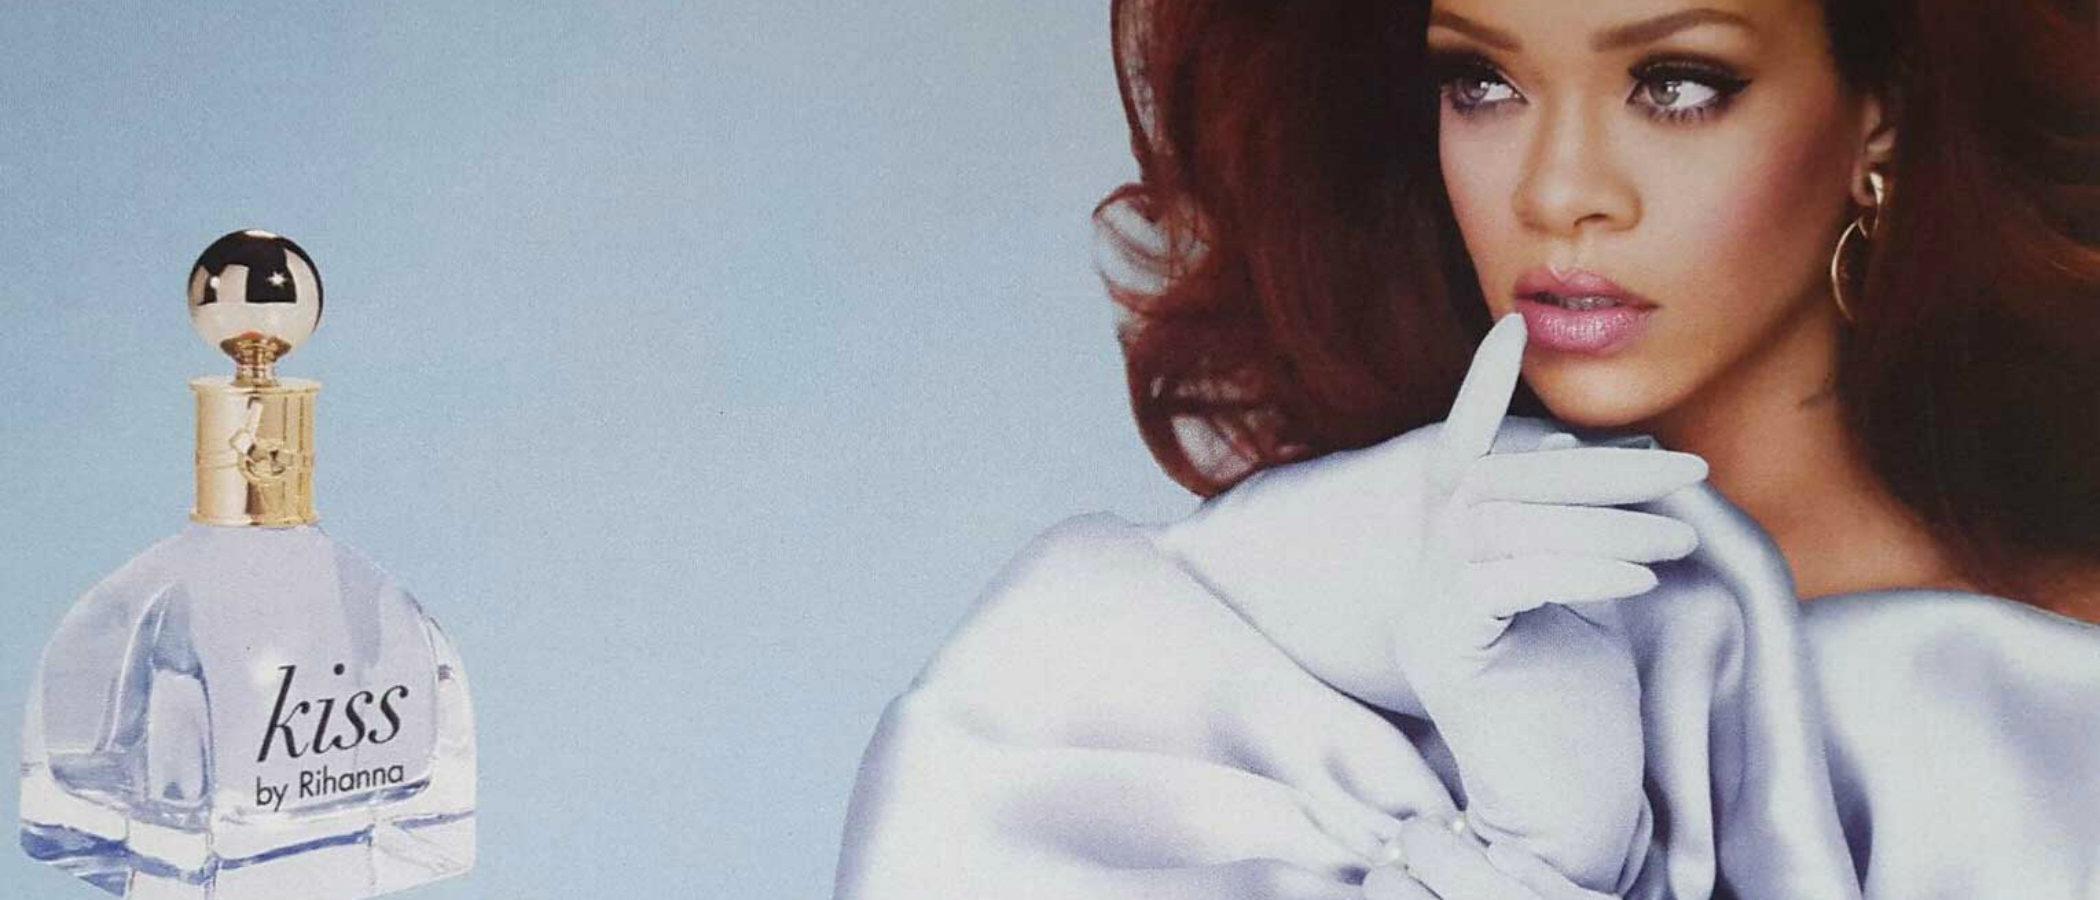 'Kiss', el nuevo perfume de Rihanna para principios de 2017